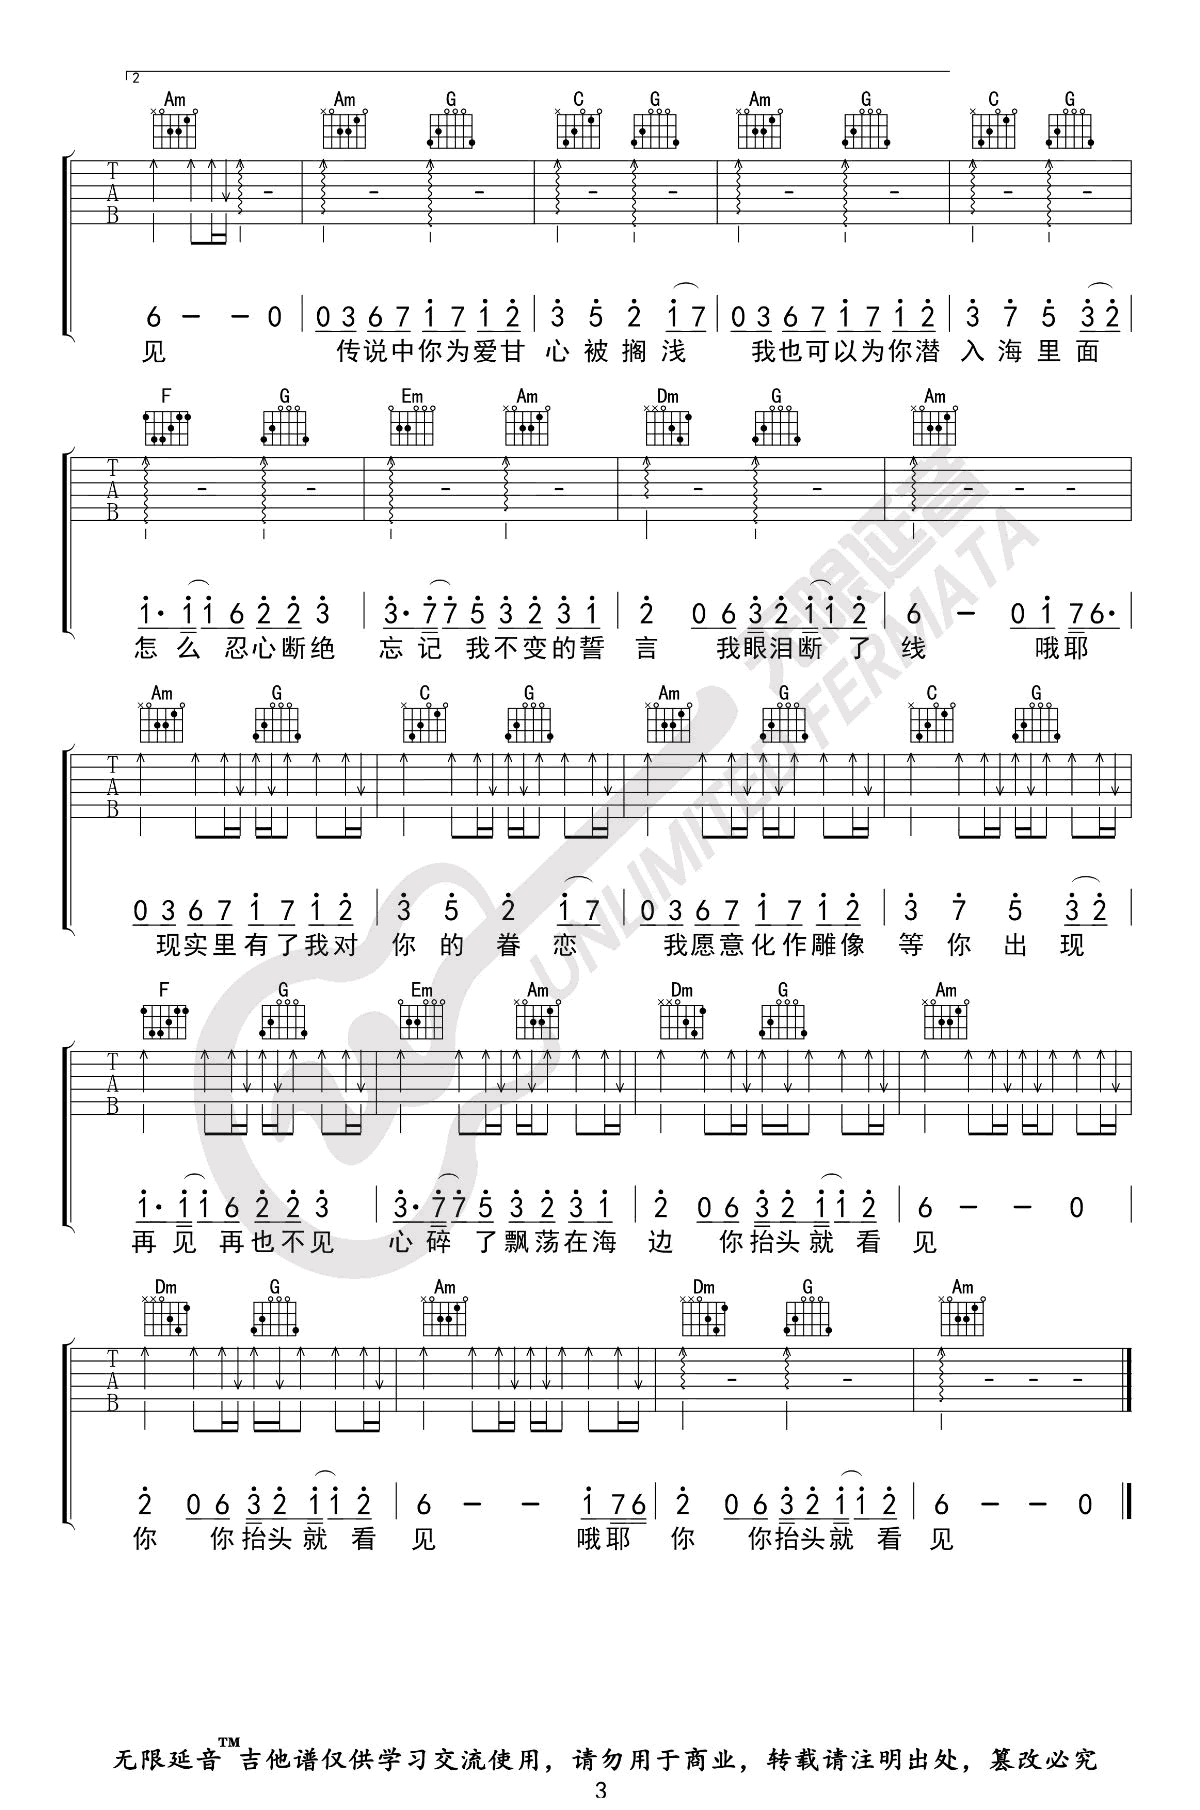 林俊杰-美人鱼吉他谱-3